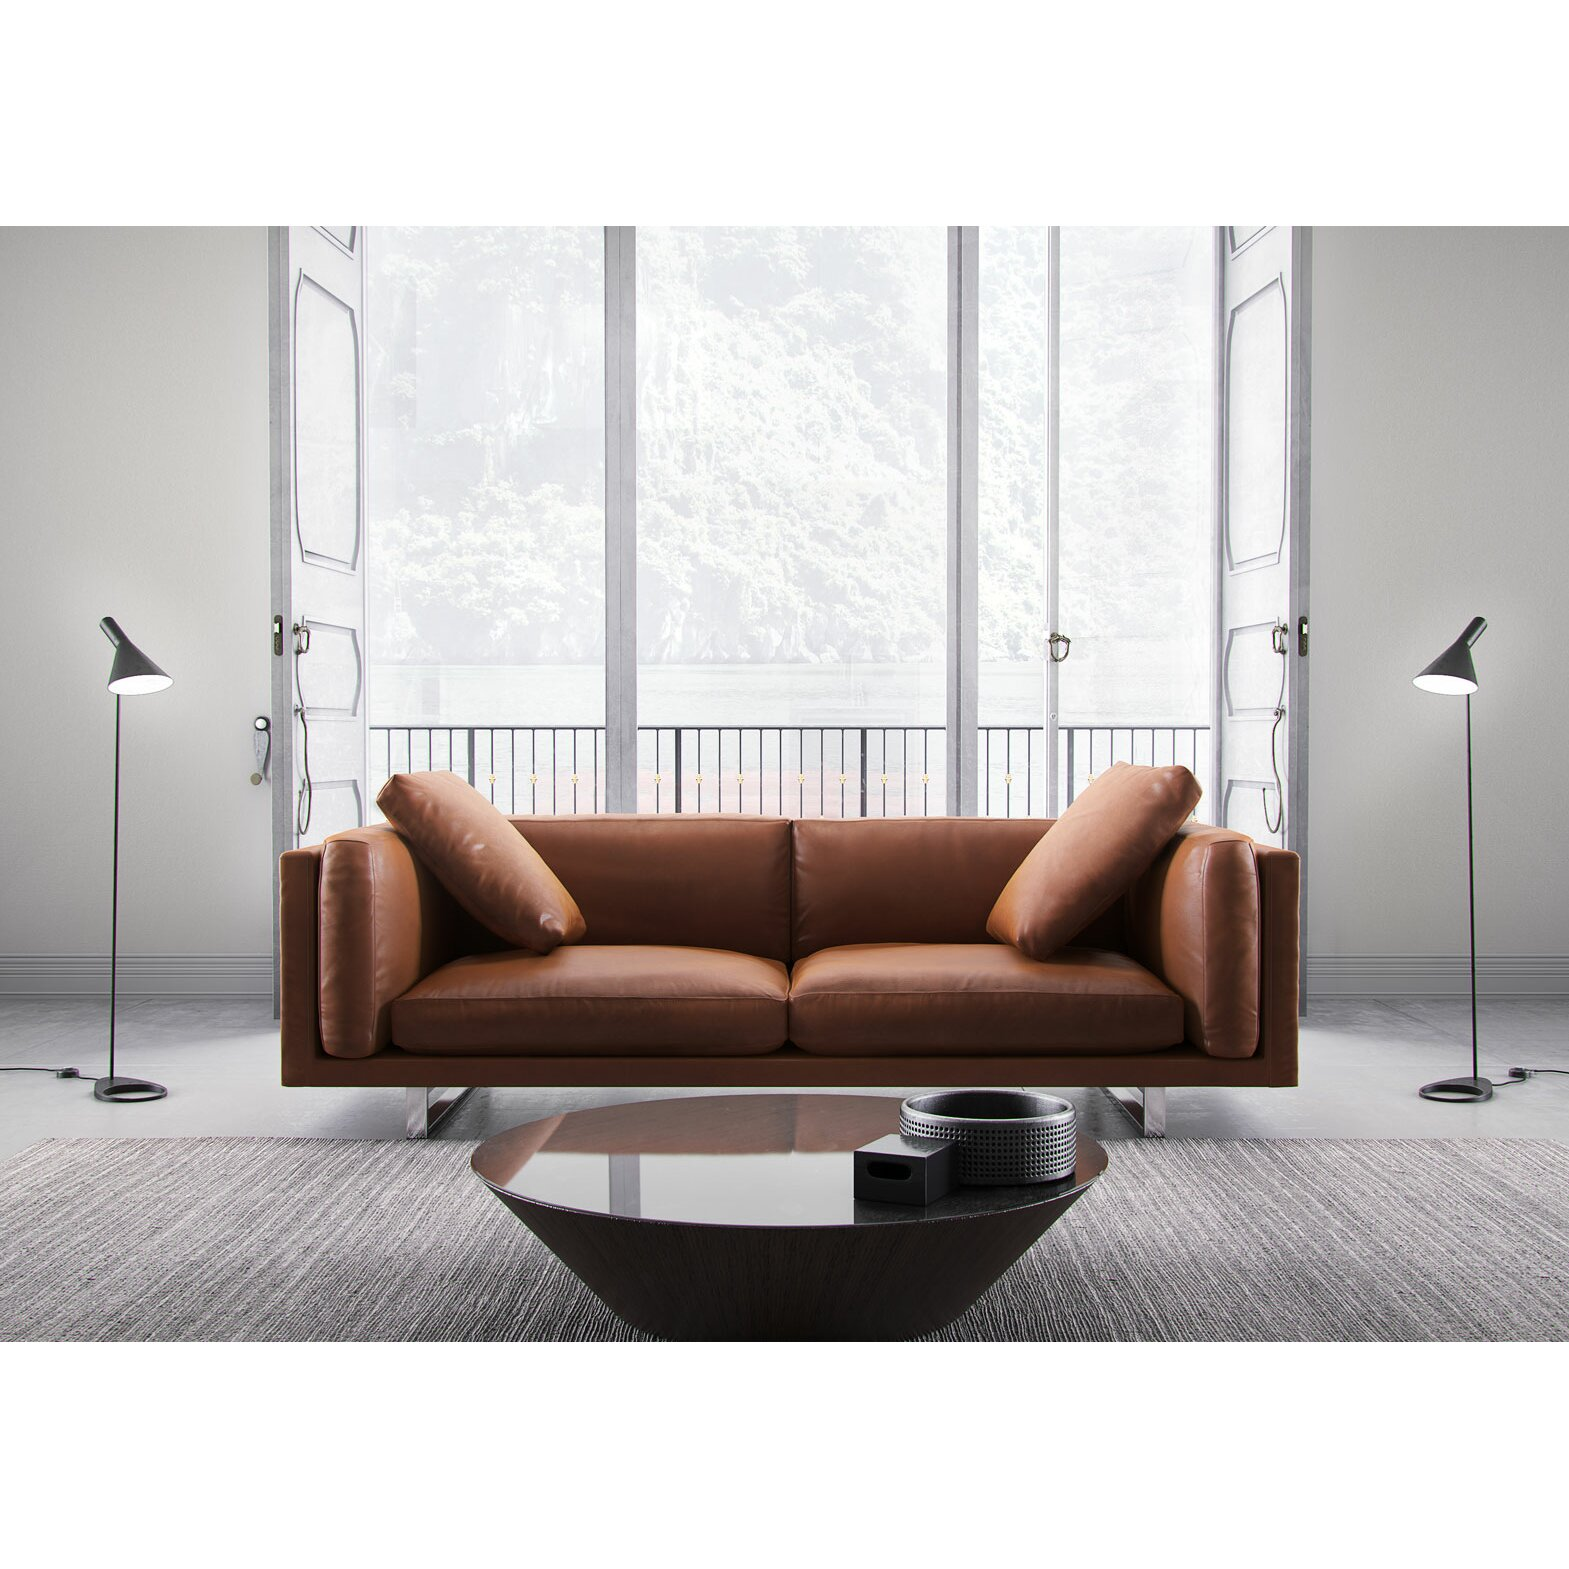 italian top grain leather sofa wayfair mayfair leather sofa